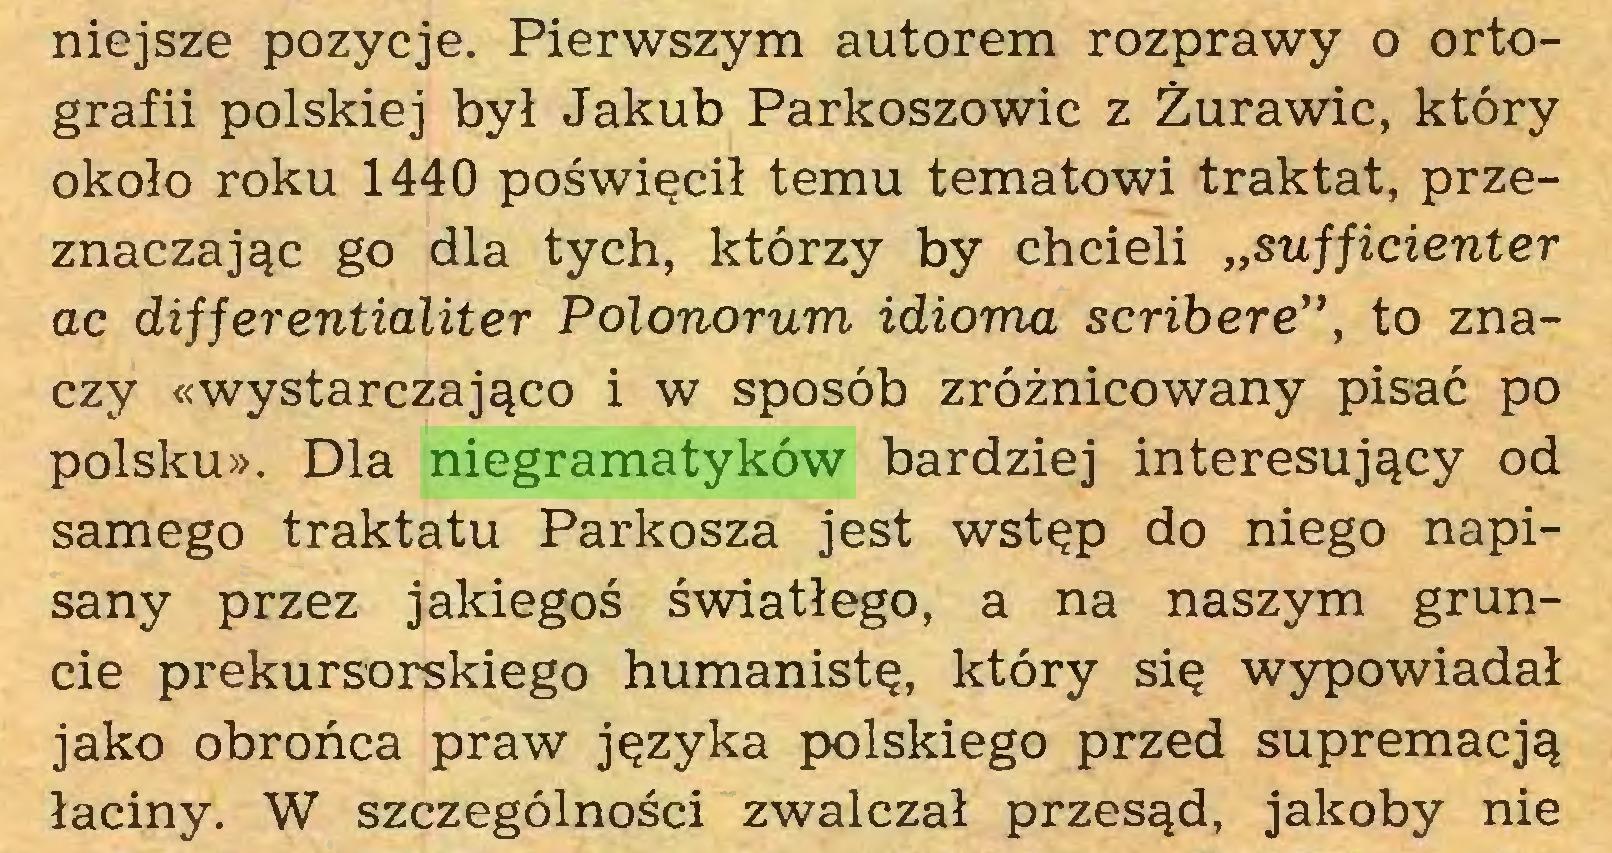 """(...) niejsze pozycje. Pierwszym autorem rozprawy o ortografii polskiej był Jakub Parkoszowic z Żurawic, który około roku 1440 poświęcił temu tematowi traktat, przeznaczając go dla tych, którzy by chcieli """"sufficienter ac differentialiter Polonorum idioma scribere"""", to znaczy «wystarczająco i w sposób zróżnicowany pisać po polsku». Dla niegramatyków bardziej interesujący od samego traktatu Parkosza jest wstęp do niego napisany przez jakiegoś światłego, a na naszym gruncie prekursorskiego humanistę, który się wypowiadał jako obrońca praw języka polskiego przed supremacją łaciny. W szczególności zwalczał przesąd, jakoby nie..."""